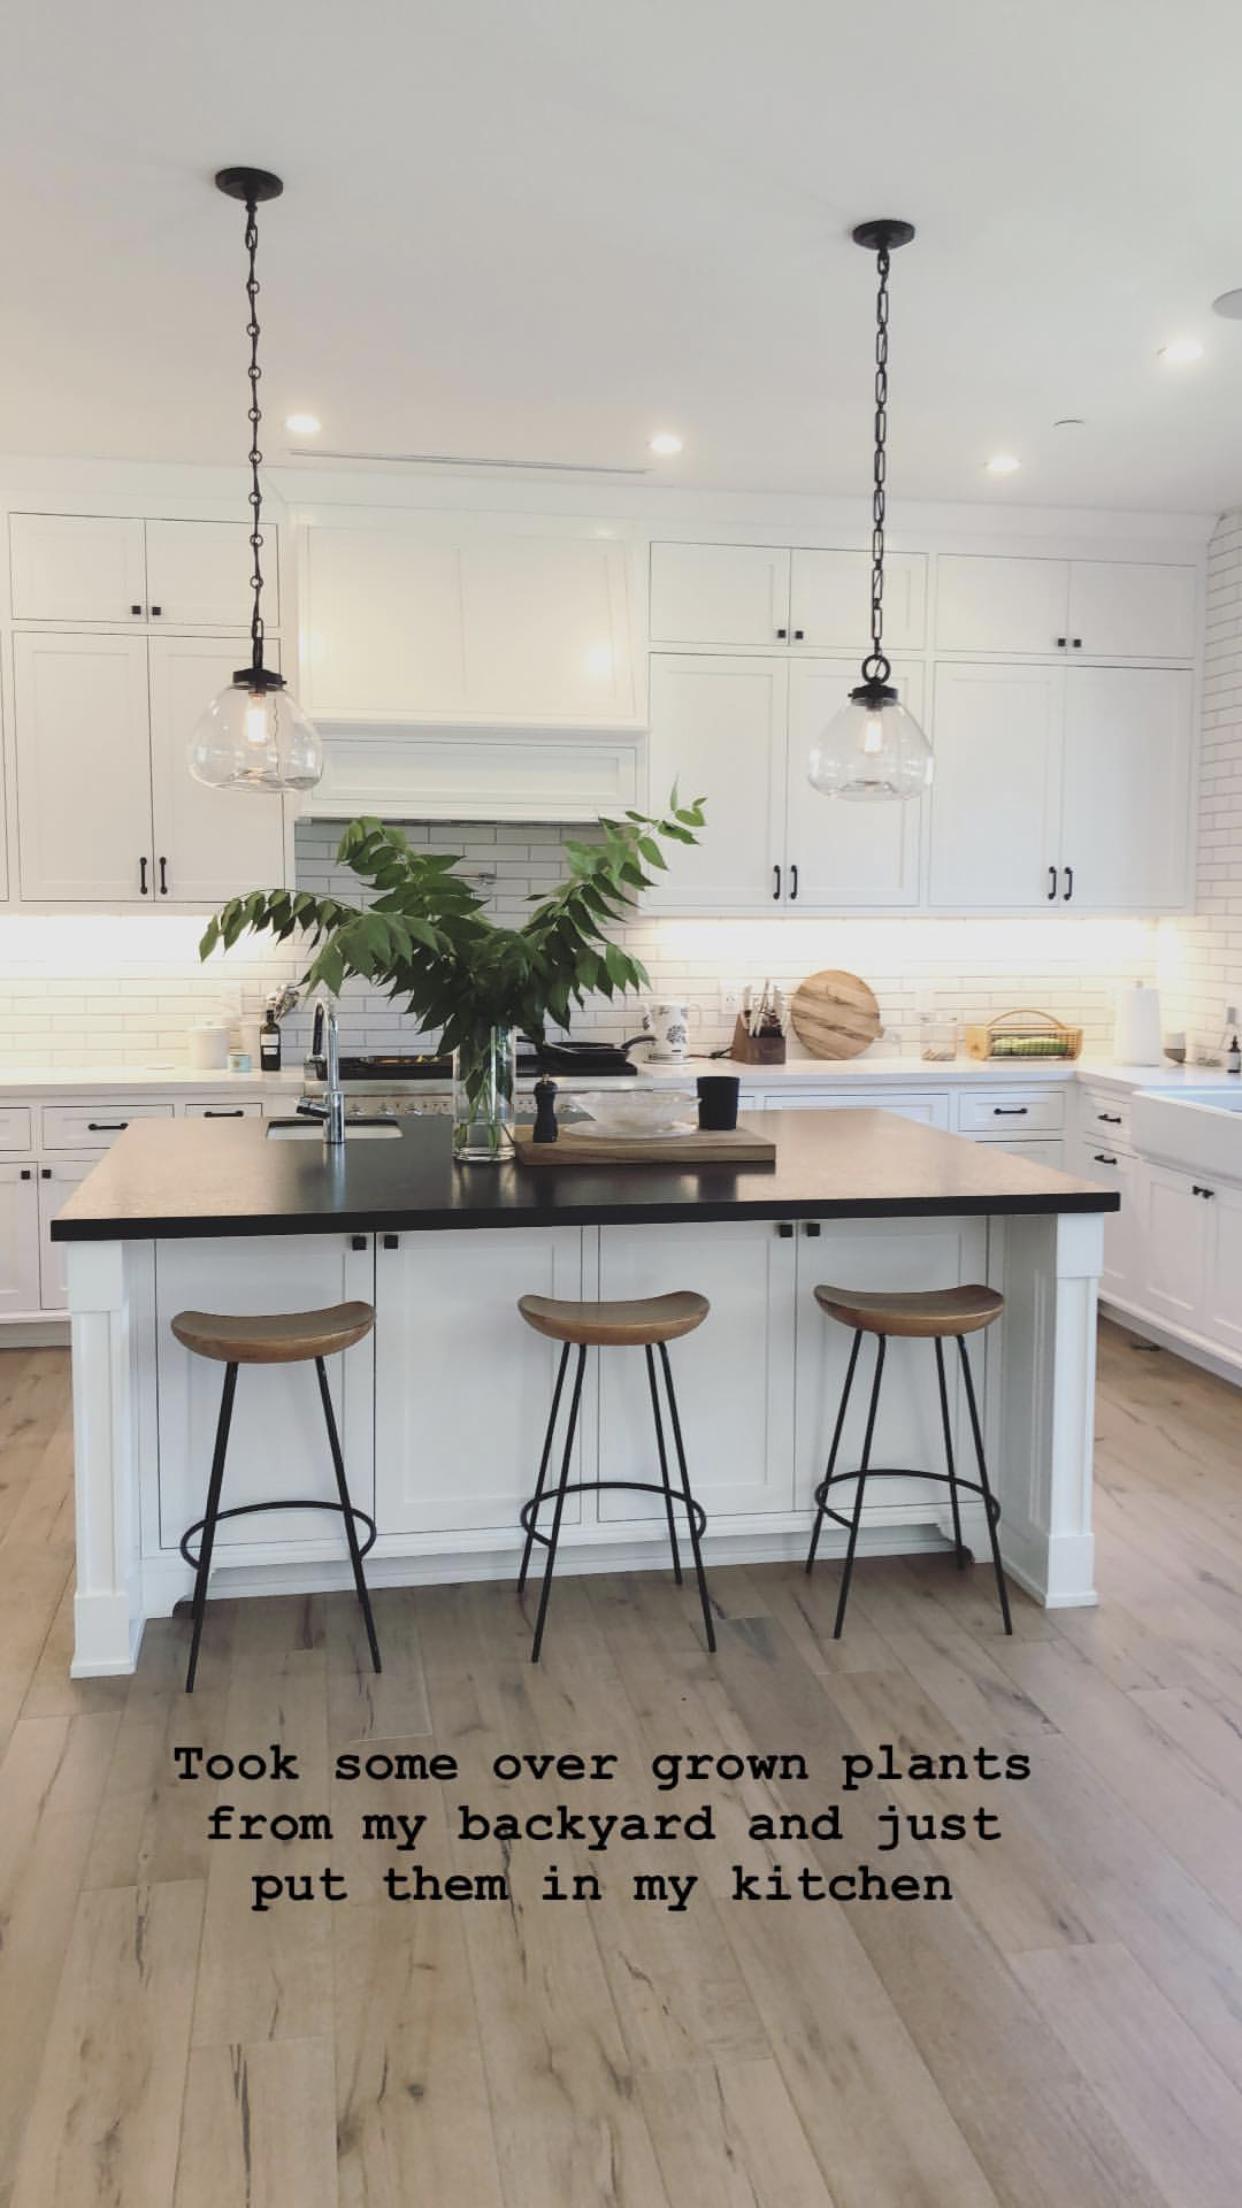 Desi Perkins Kitchen In 2019 Home Decor Kitchen Home